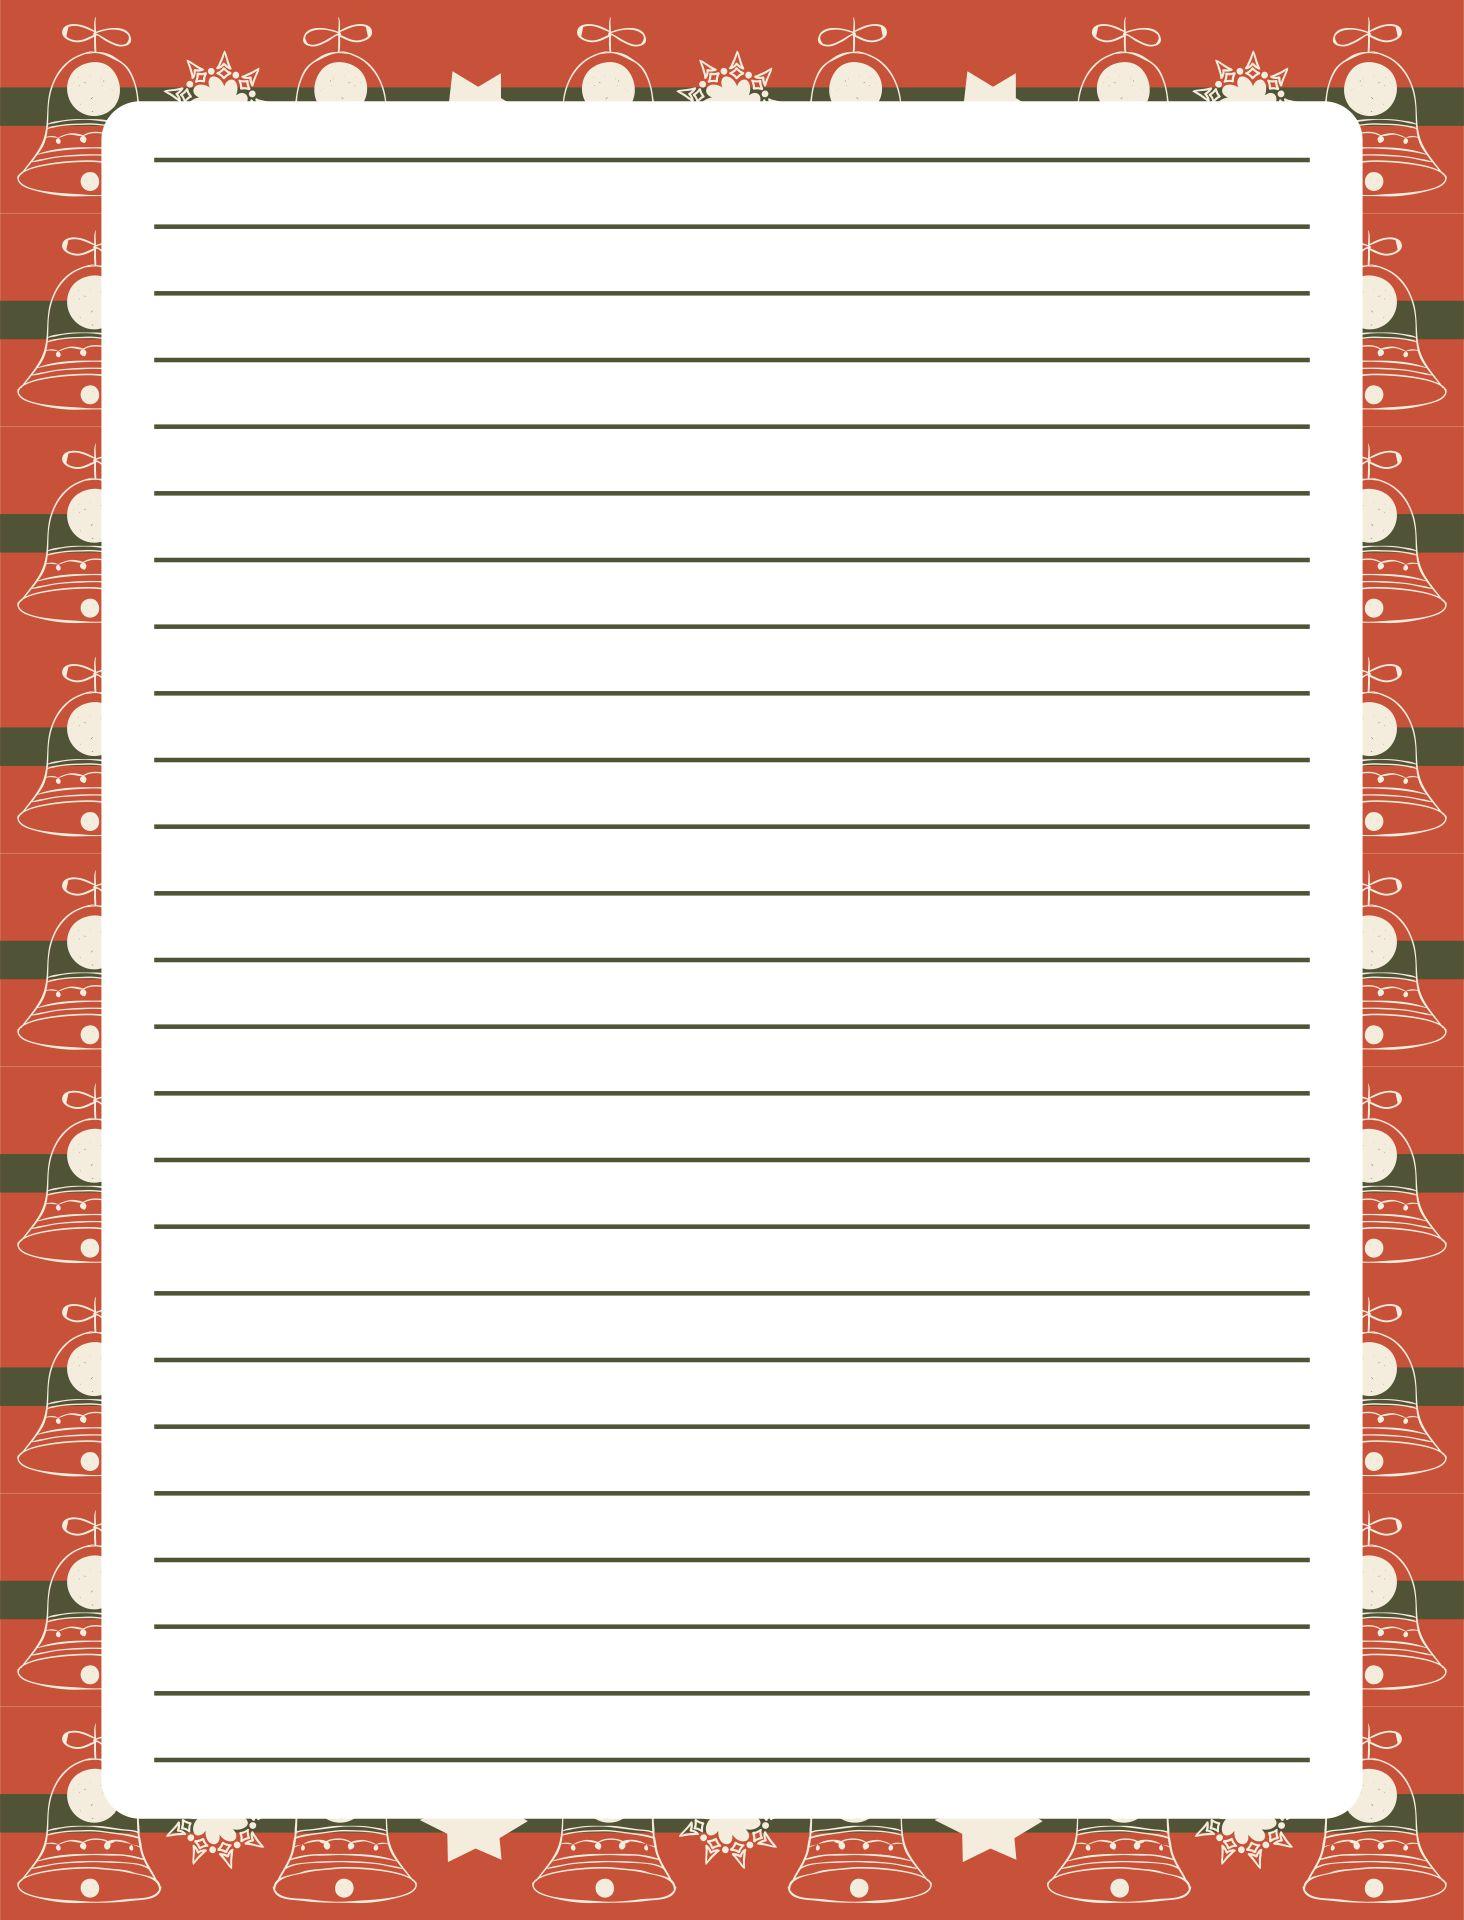 Printable Christmas Border Writing Paper